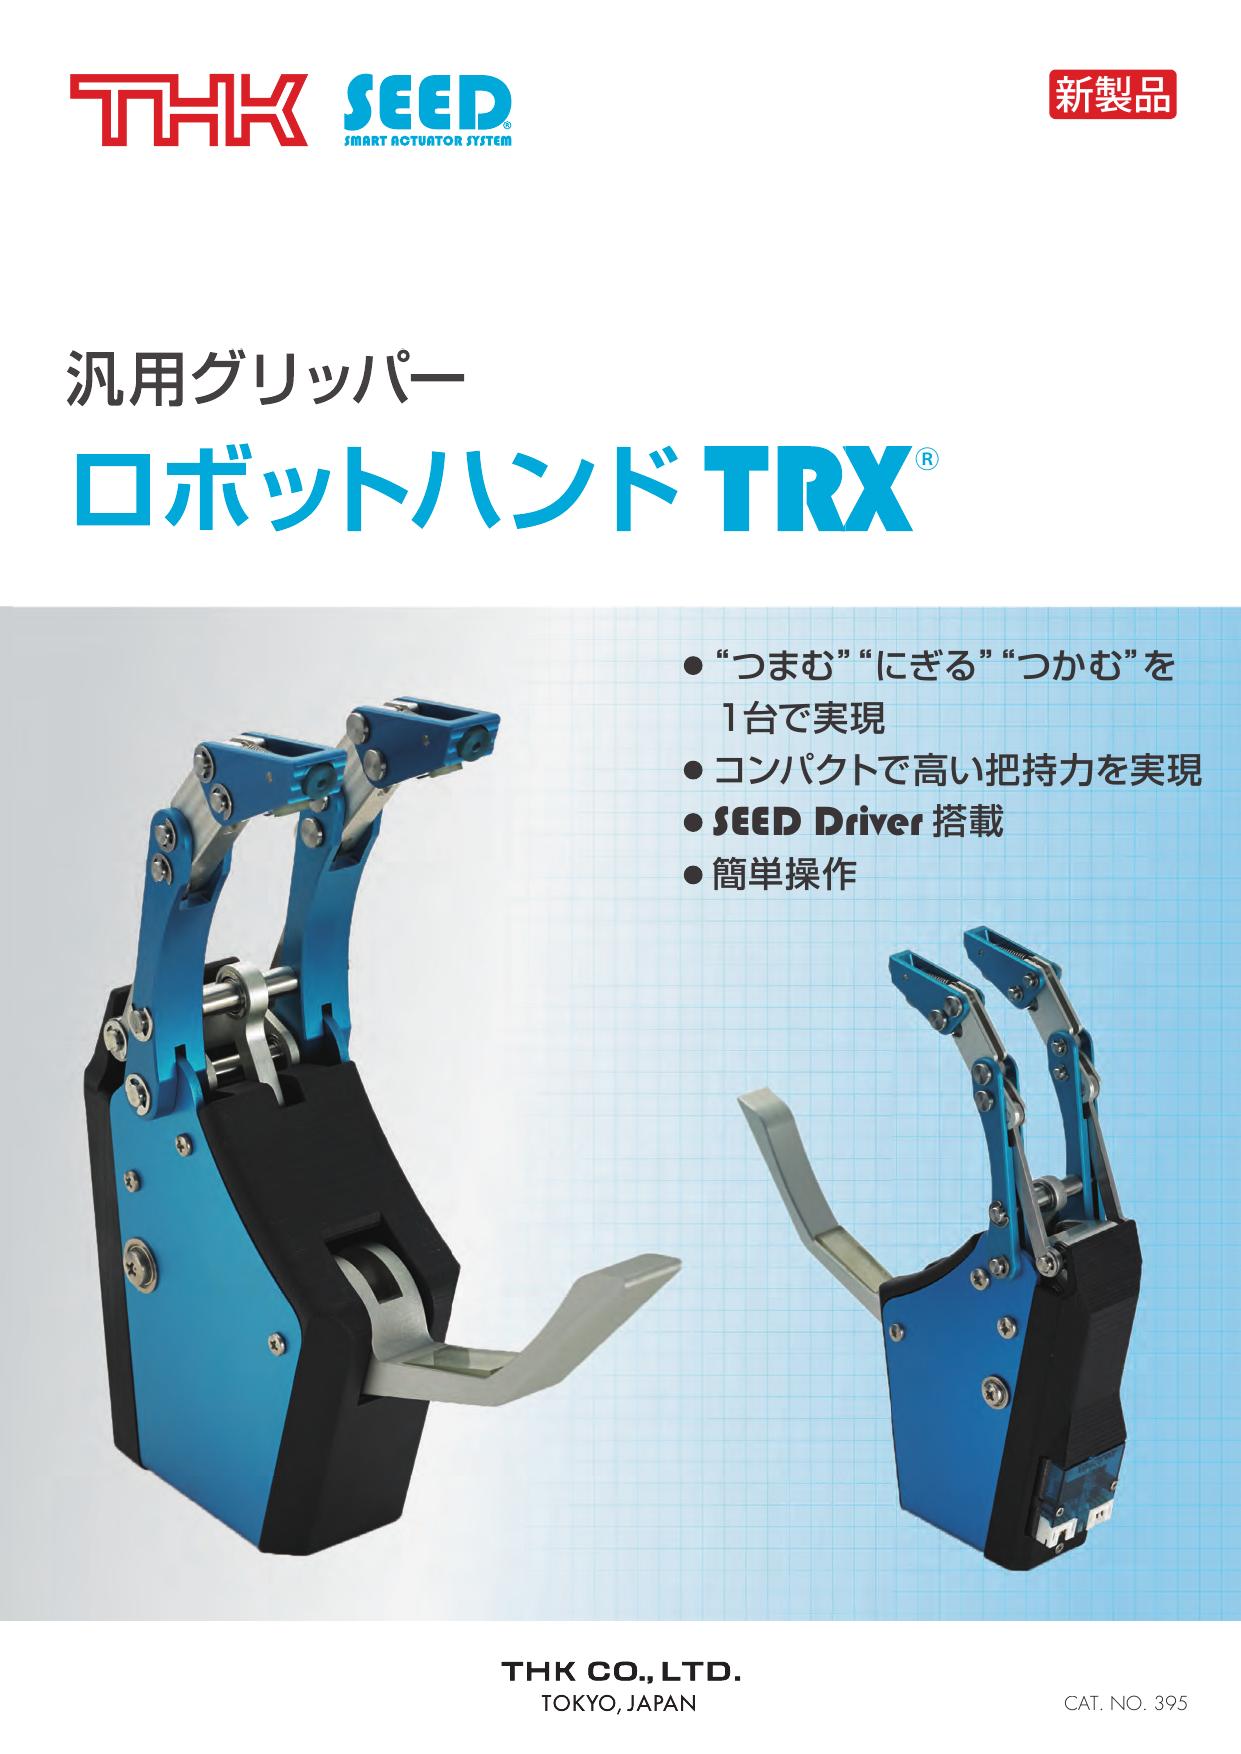 「つまむ」「にぎる」「つかむ」を1台で実現!ロボットハンドTRX